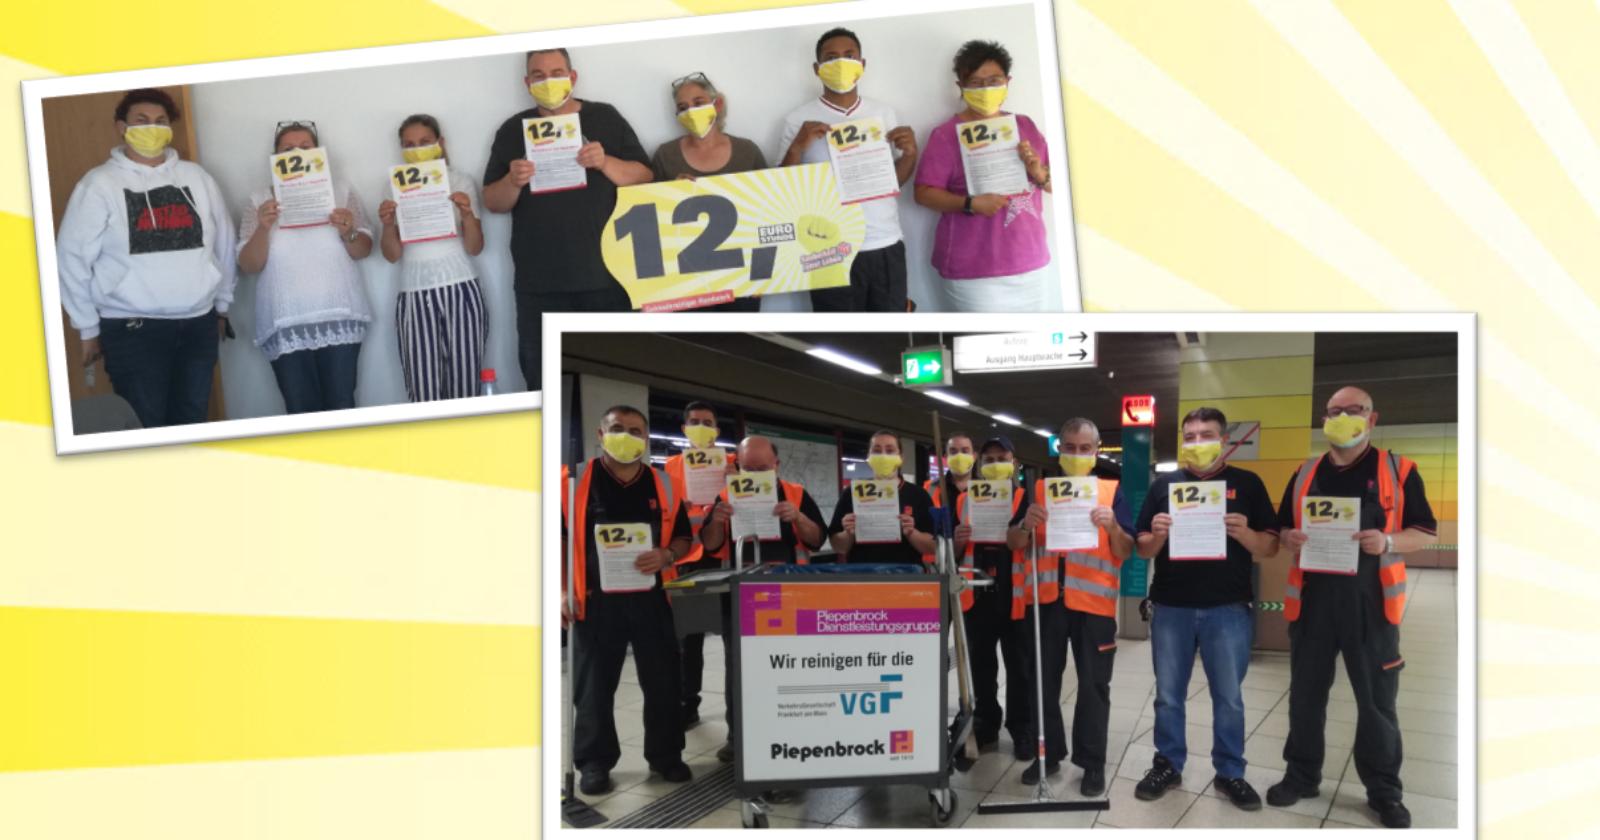 Piepenbrock - Betriebsrat und Beschäftigte der Gebäudereinigung in Frankfurt fordern 12€ Stundenlohn